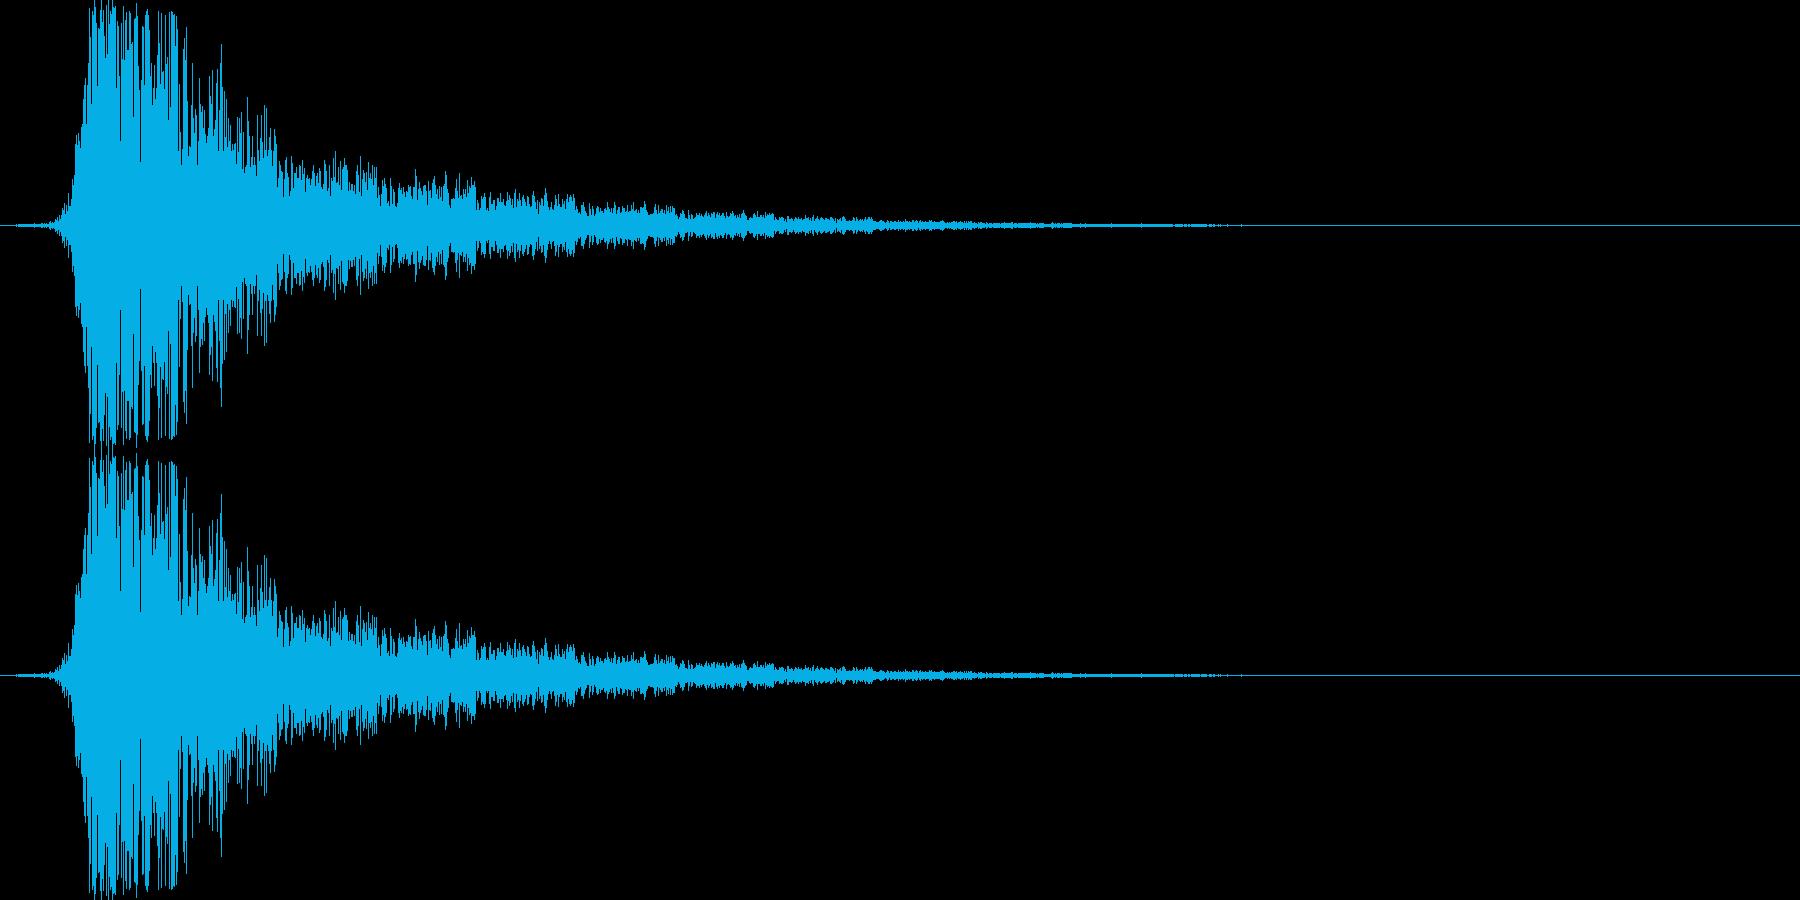 金属質な空を切る音(シュッ/シュン)の再生済みの波形